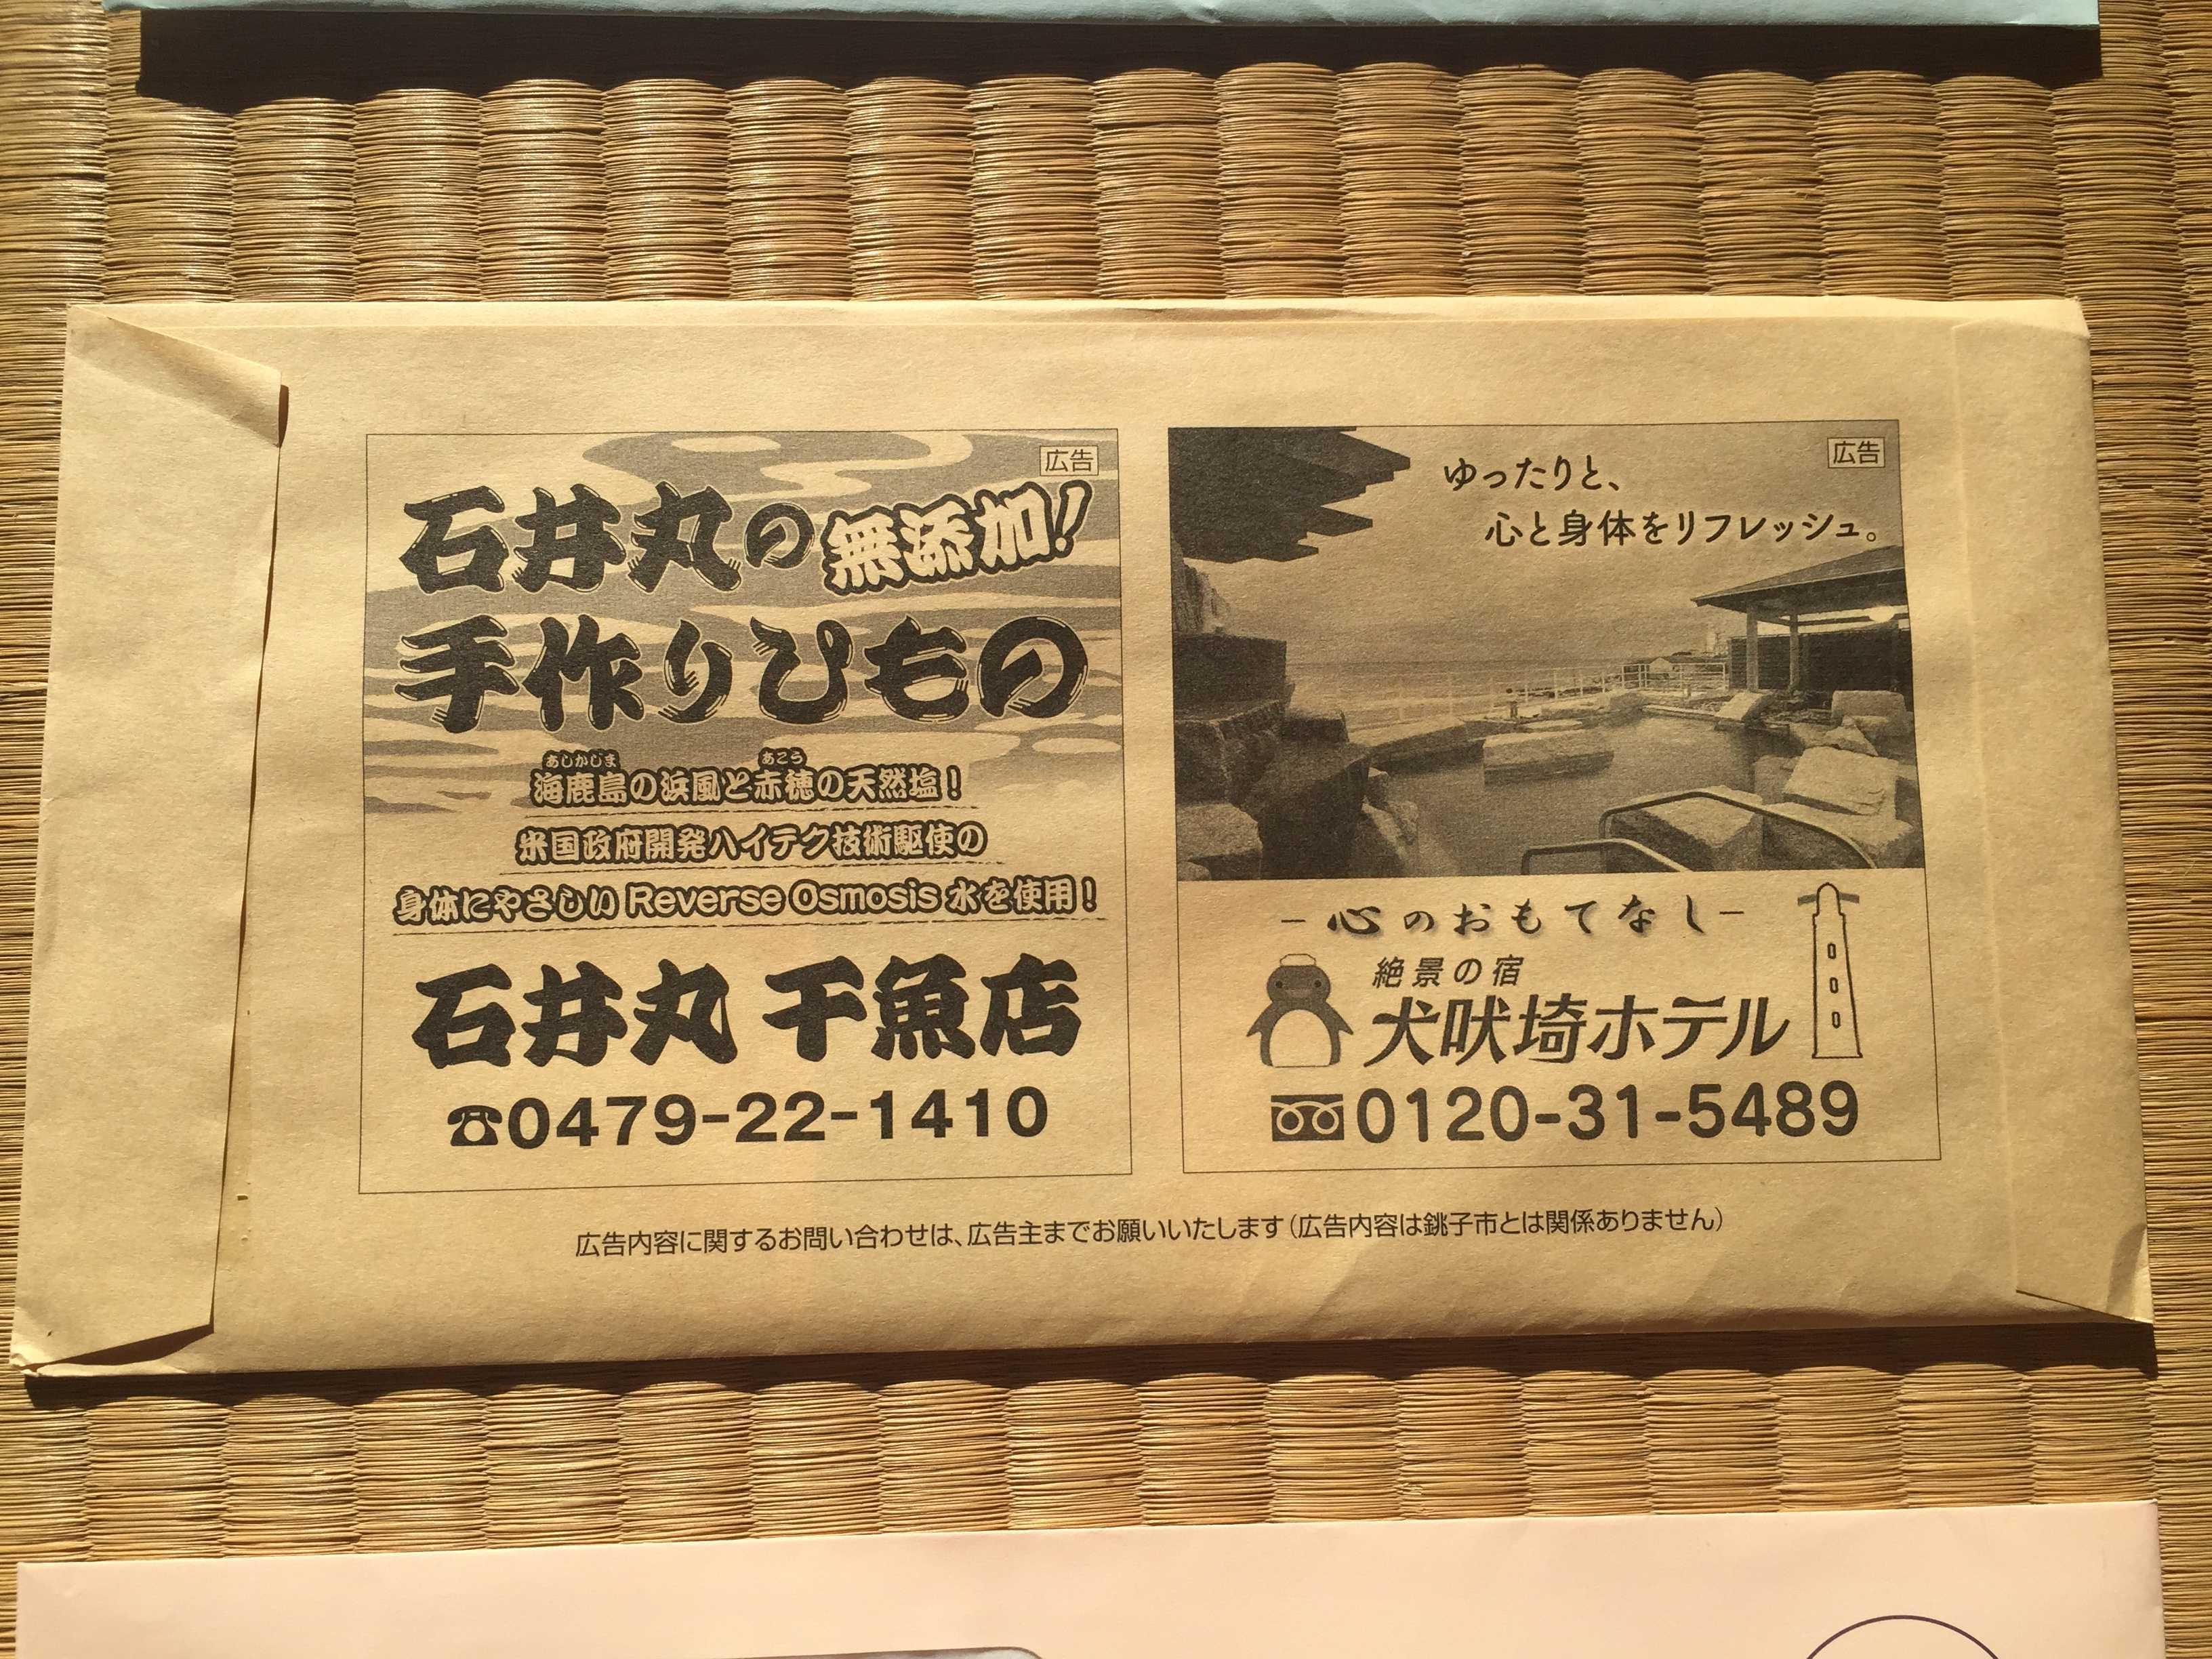 銚子市の封筒の裏面の広告